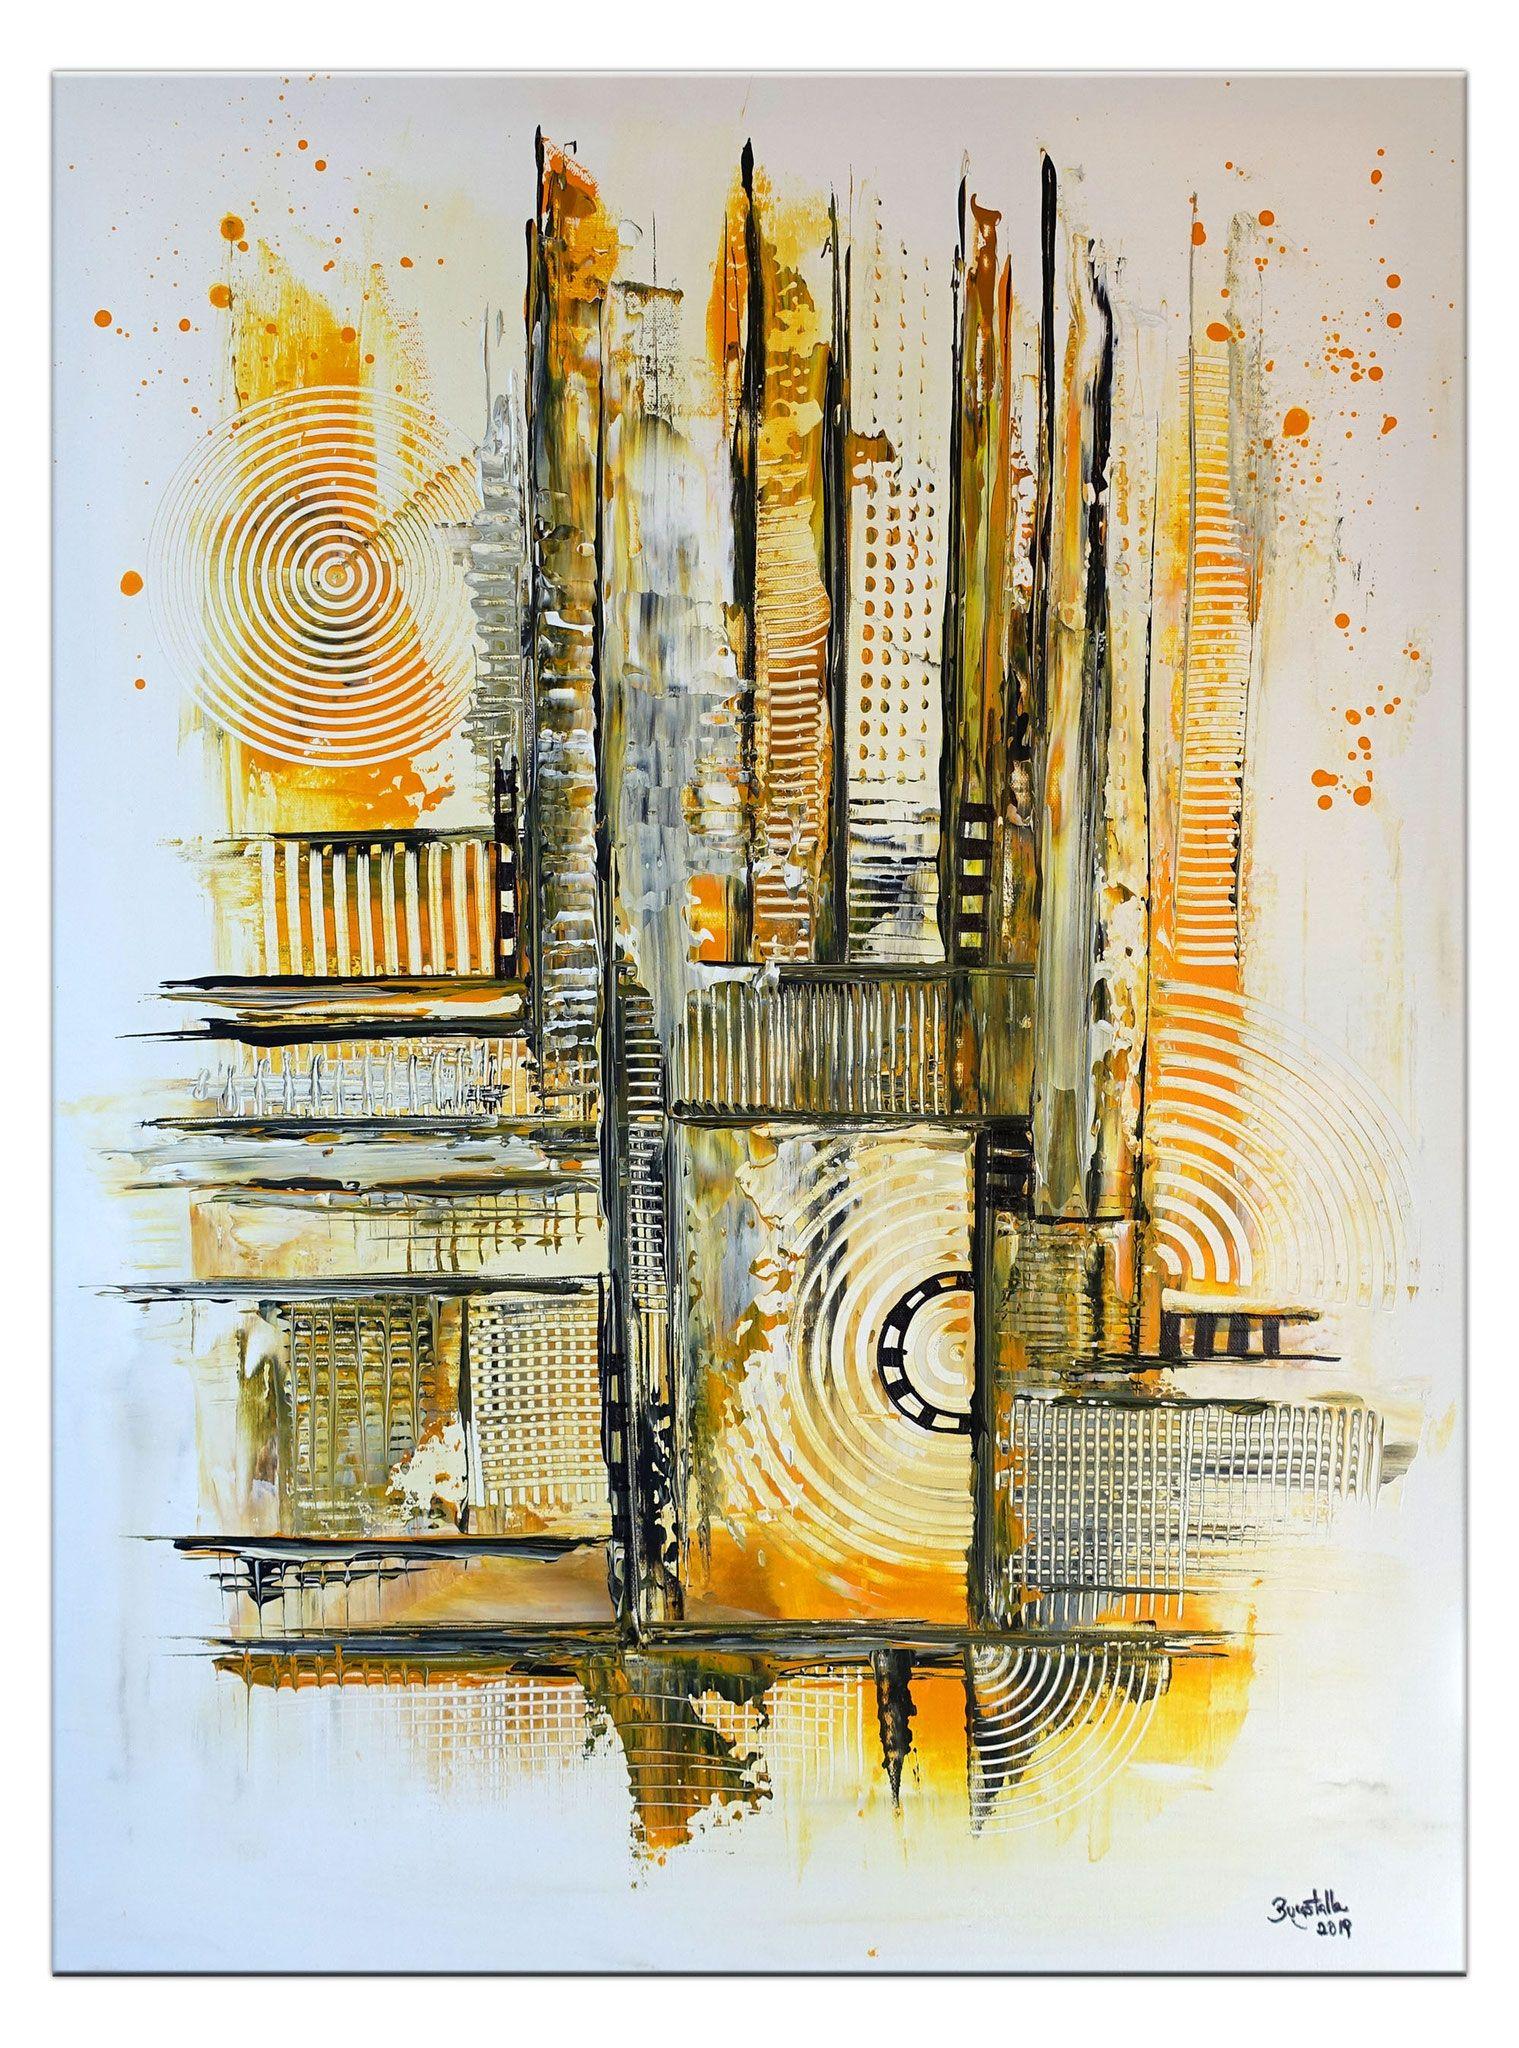 abstraktes leinwandbild handgemalt ocker petrol abstrakte kunst malerei acrylmalerei abstrakt acrylbilder moderne kunstwerke pop art